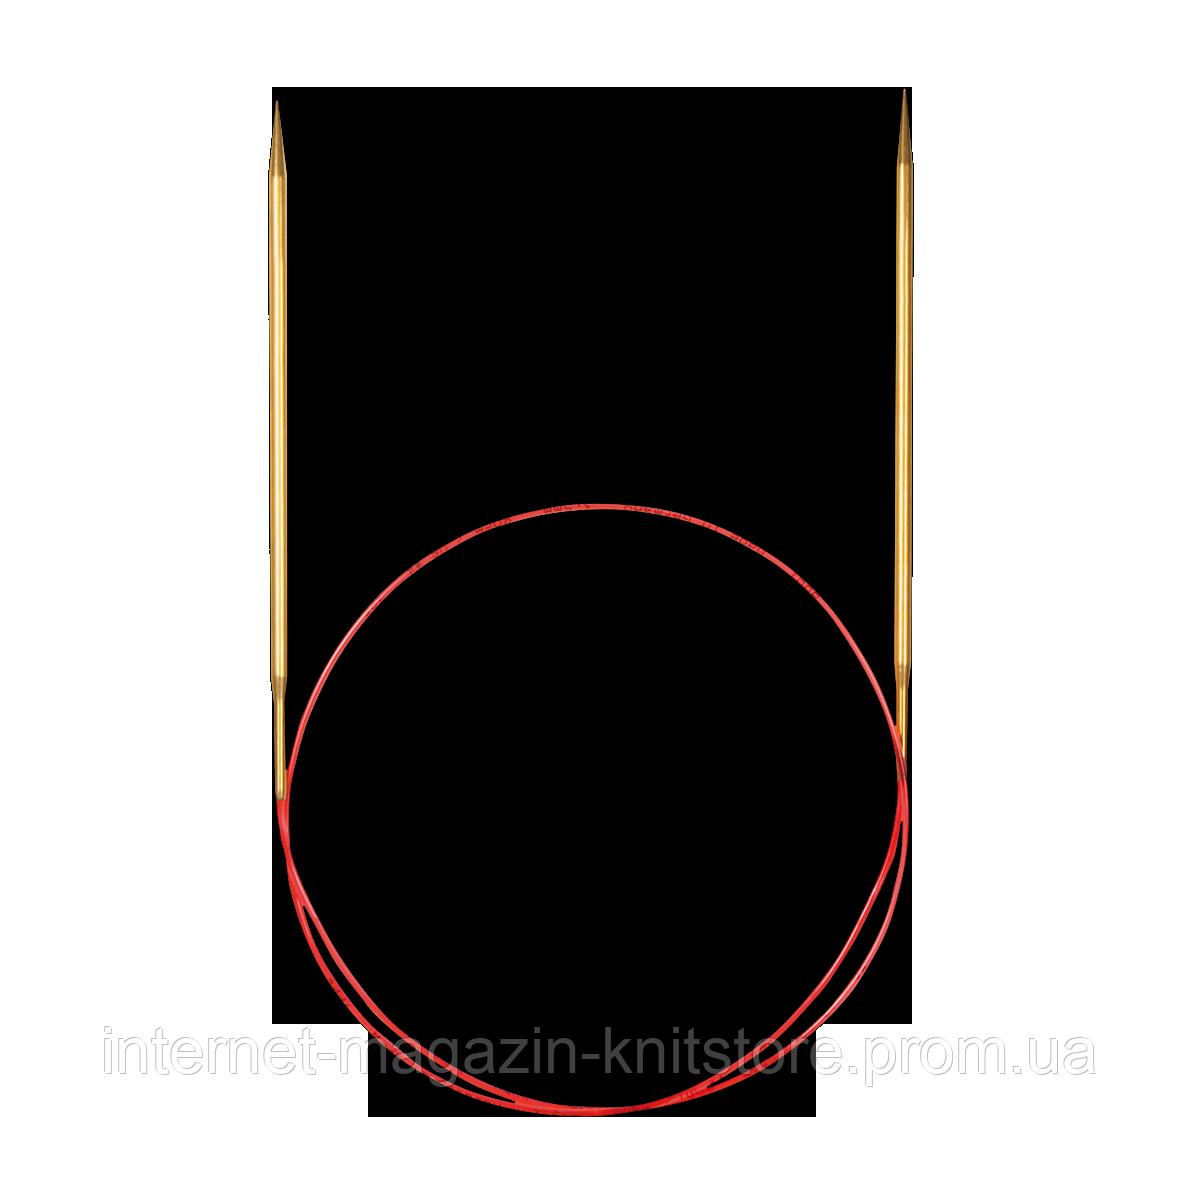 Спиці Addi   кругові   c витягнутим кінчиком   80 см   4.5 мм